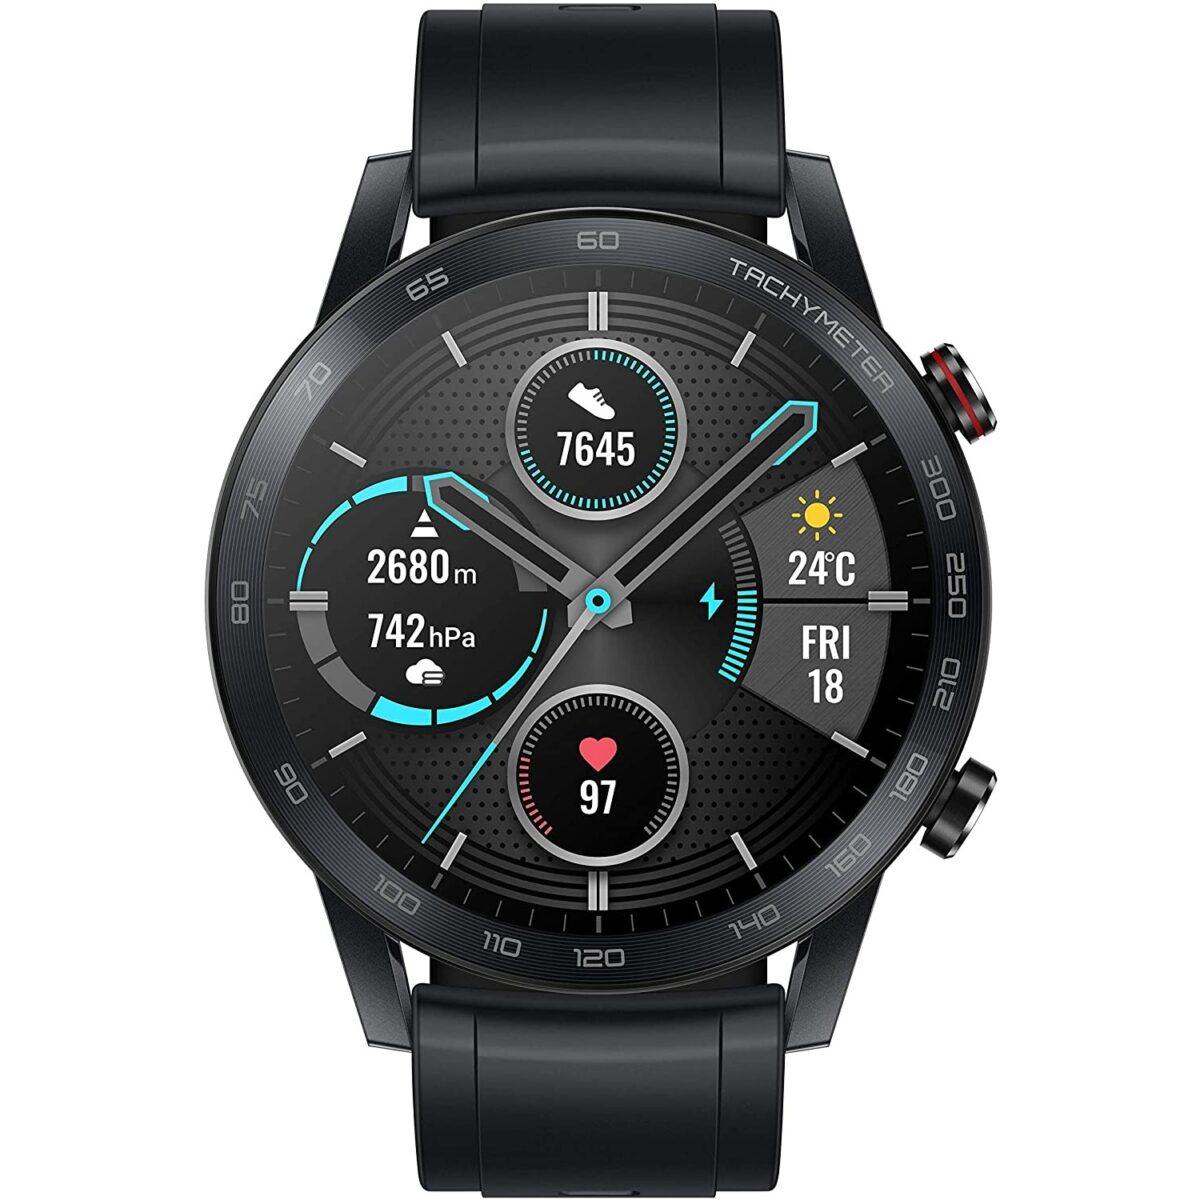 Solo 113 € per HONOR MagicWatch 2, smartwatch con rapporto qualità prezzo imbattibile